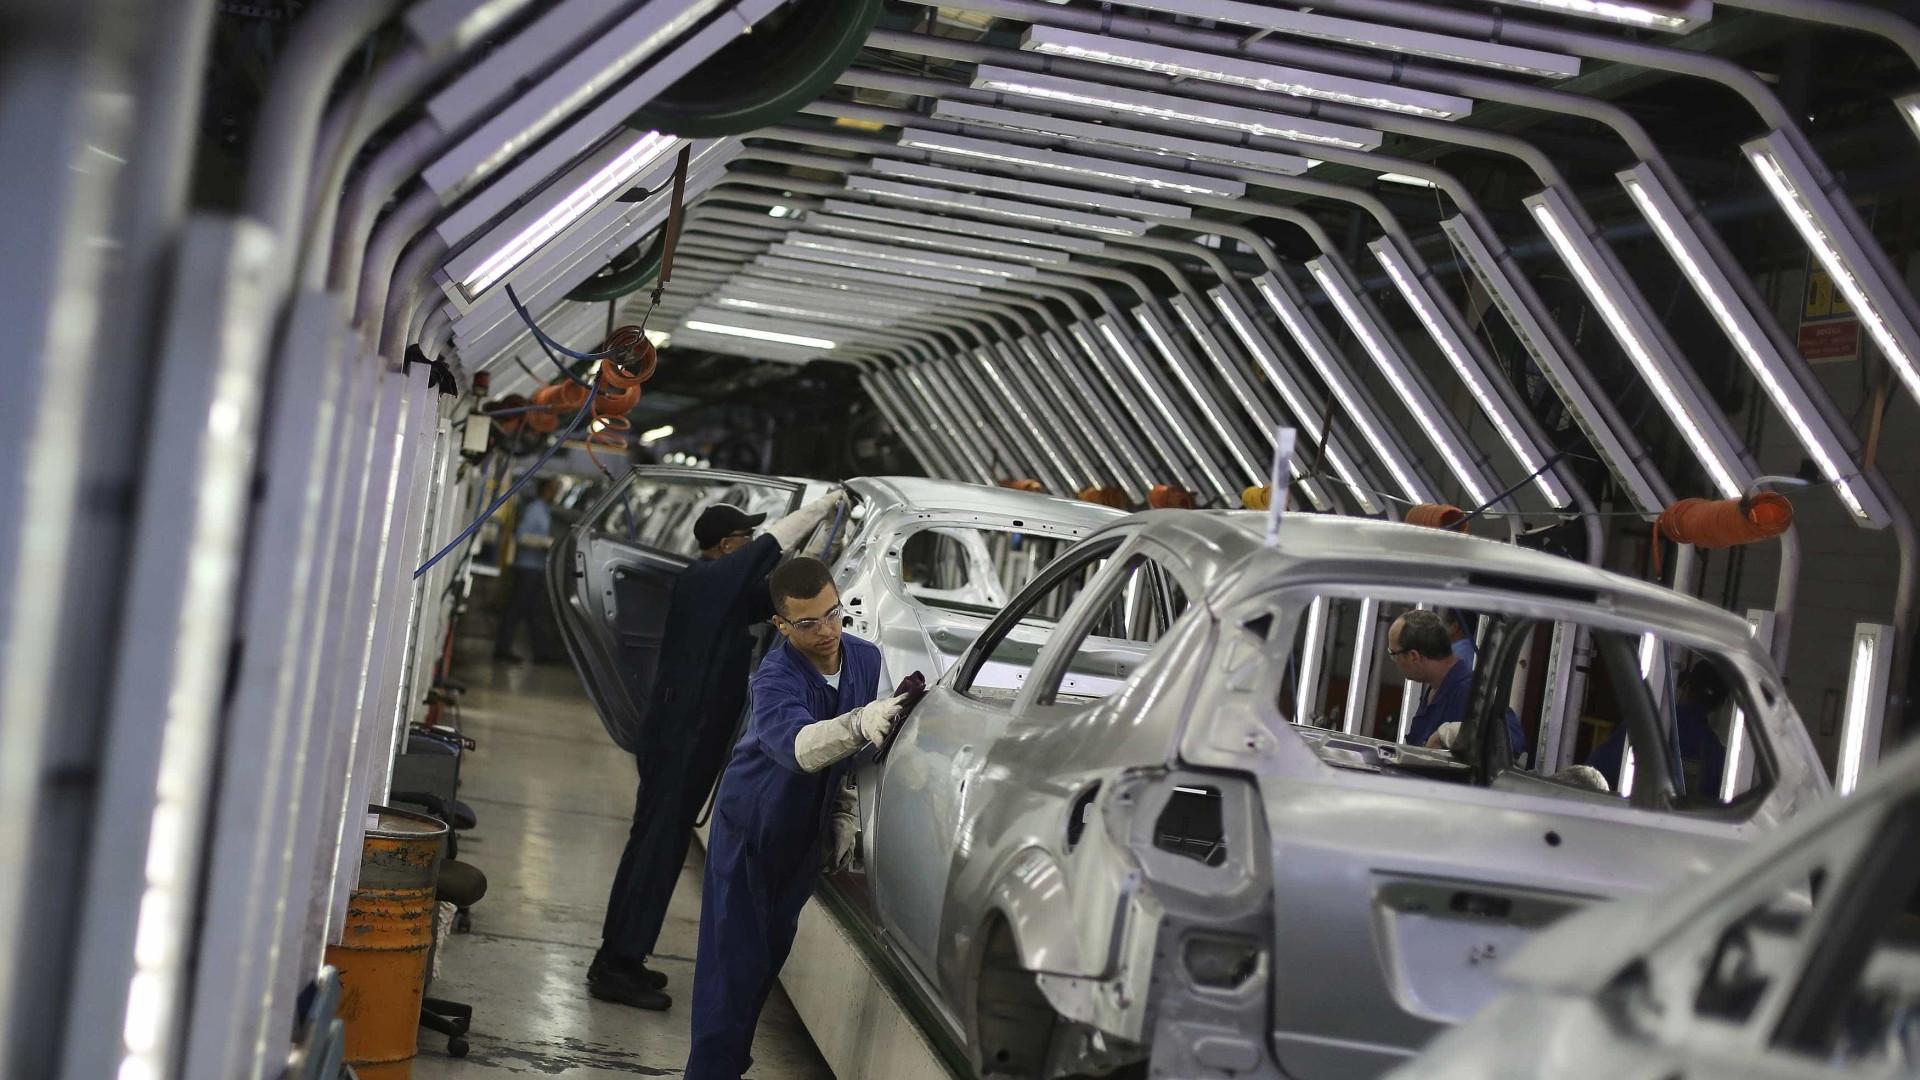 Crise argentina afeta montadoras e projeção de crescimento no Brasil